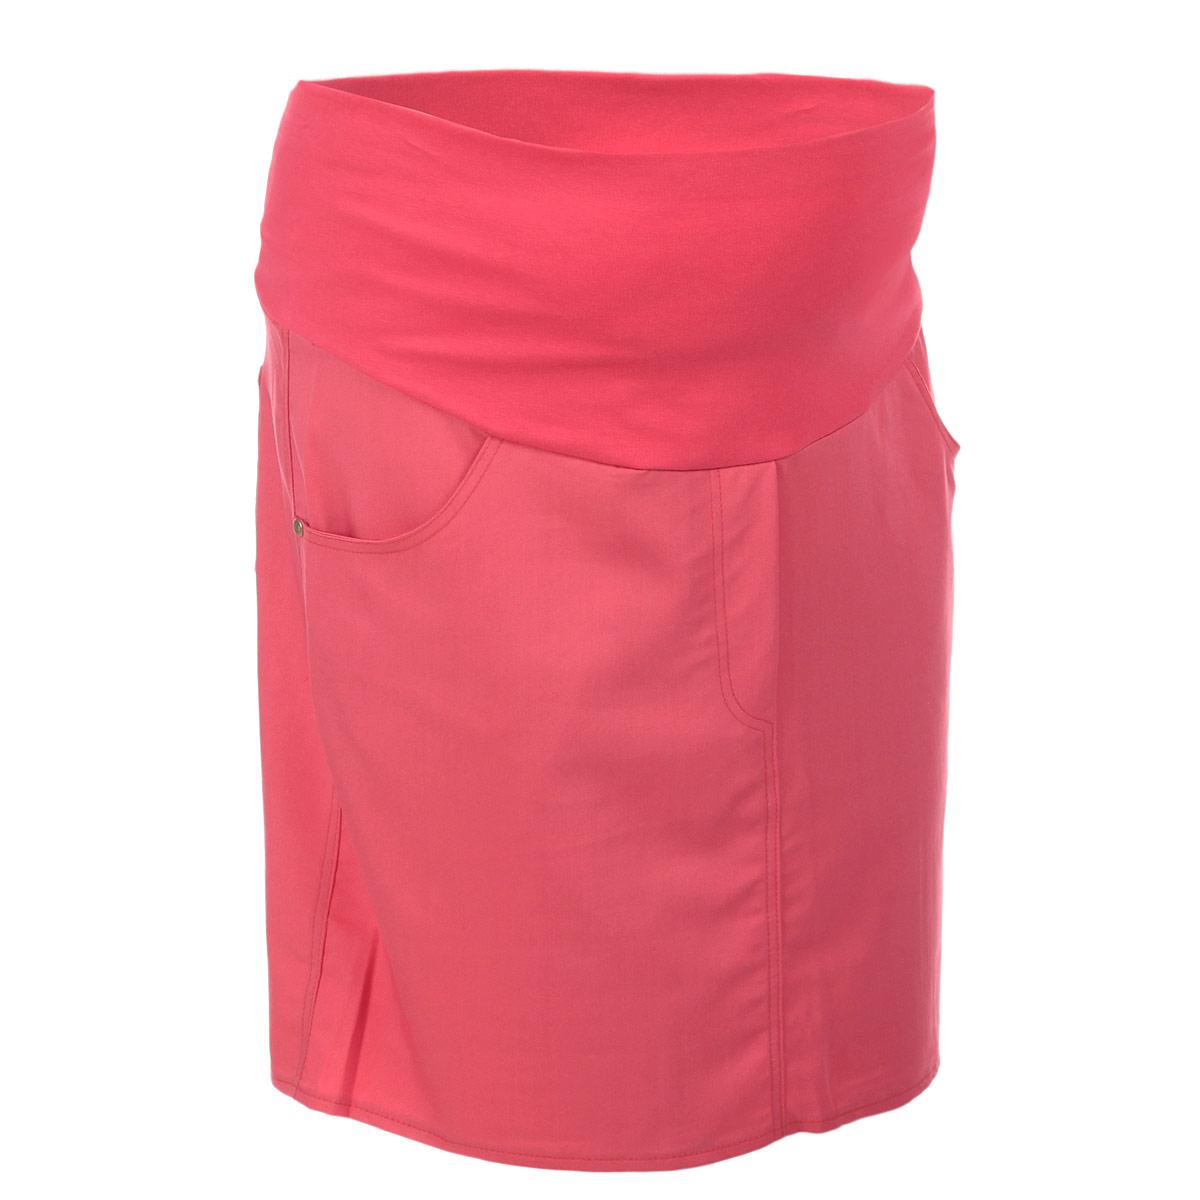 Юбка6107.1Стильная и удобная юбка для беременных Nuova Vita станет отличным дополнением вашего летнего гардероба и подчеркнет очарование будущей мамы. Юбка-миди выполнена из высококачественного материала, она невероятно мягкая и приятная на ощупь. Модель оснащена высоким удобным бандажом, дополнительно поддерживающим живот. Юбка дополнена двумя втачными карманами спереди и двумя накладными карманами сзади, а также оформлена имитацией ширинки. Юбка выполнена из вискозы с добавлением полиэстера и эластана. Вискоза является волокном, произведенным из натурального материала - целлюлозы (древесины). Иногда ее называют древесный шелк. Эта ткань на ощупь мягкая и приятная, образует красивые складки. Материал очень хорошо впитывает влагу, не образует катышек со временем, не выцветает на солнце и обладает приятным шелковистым блеском.